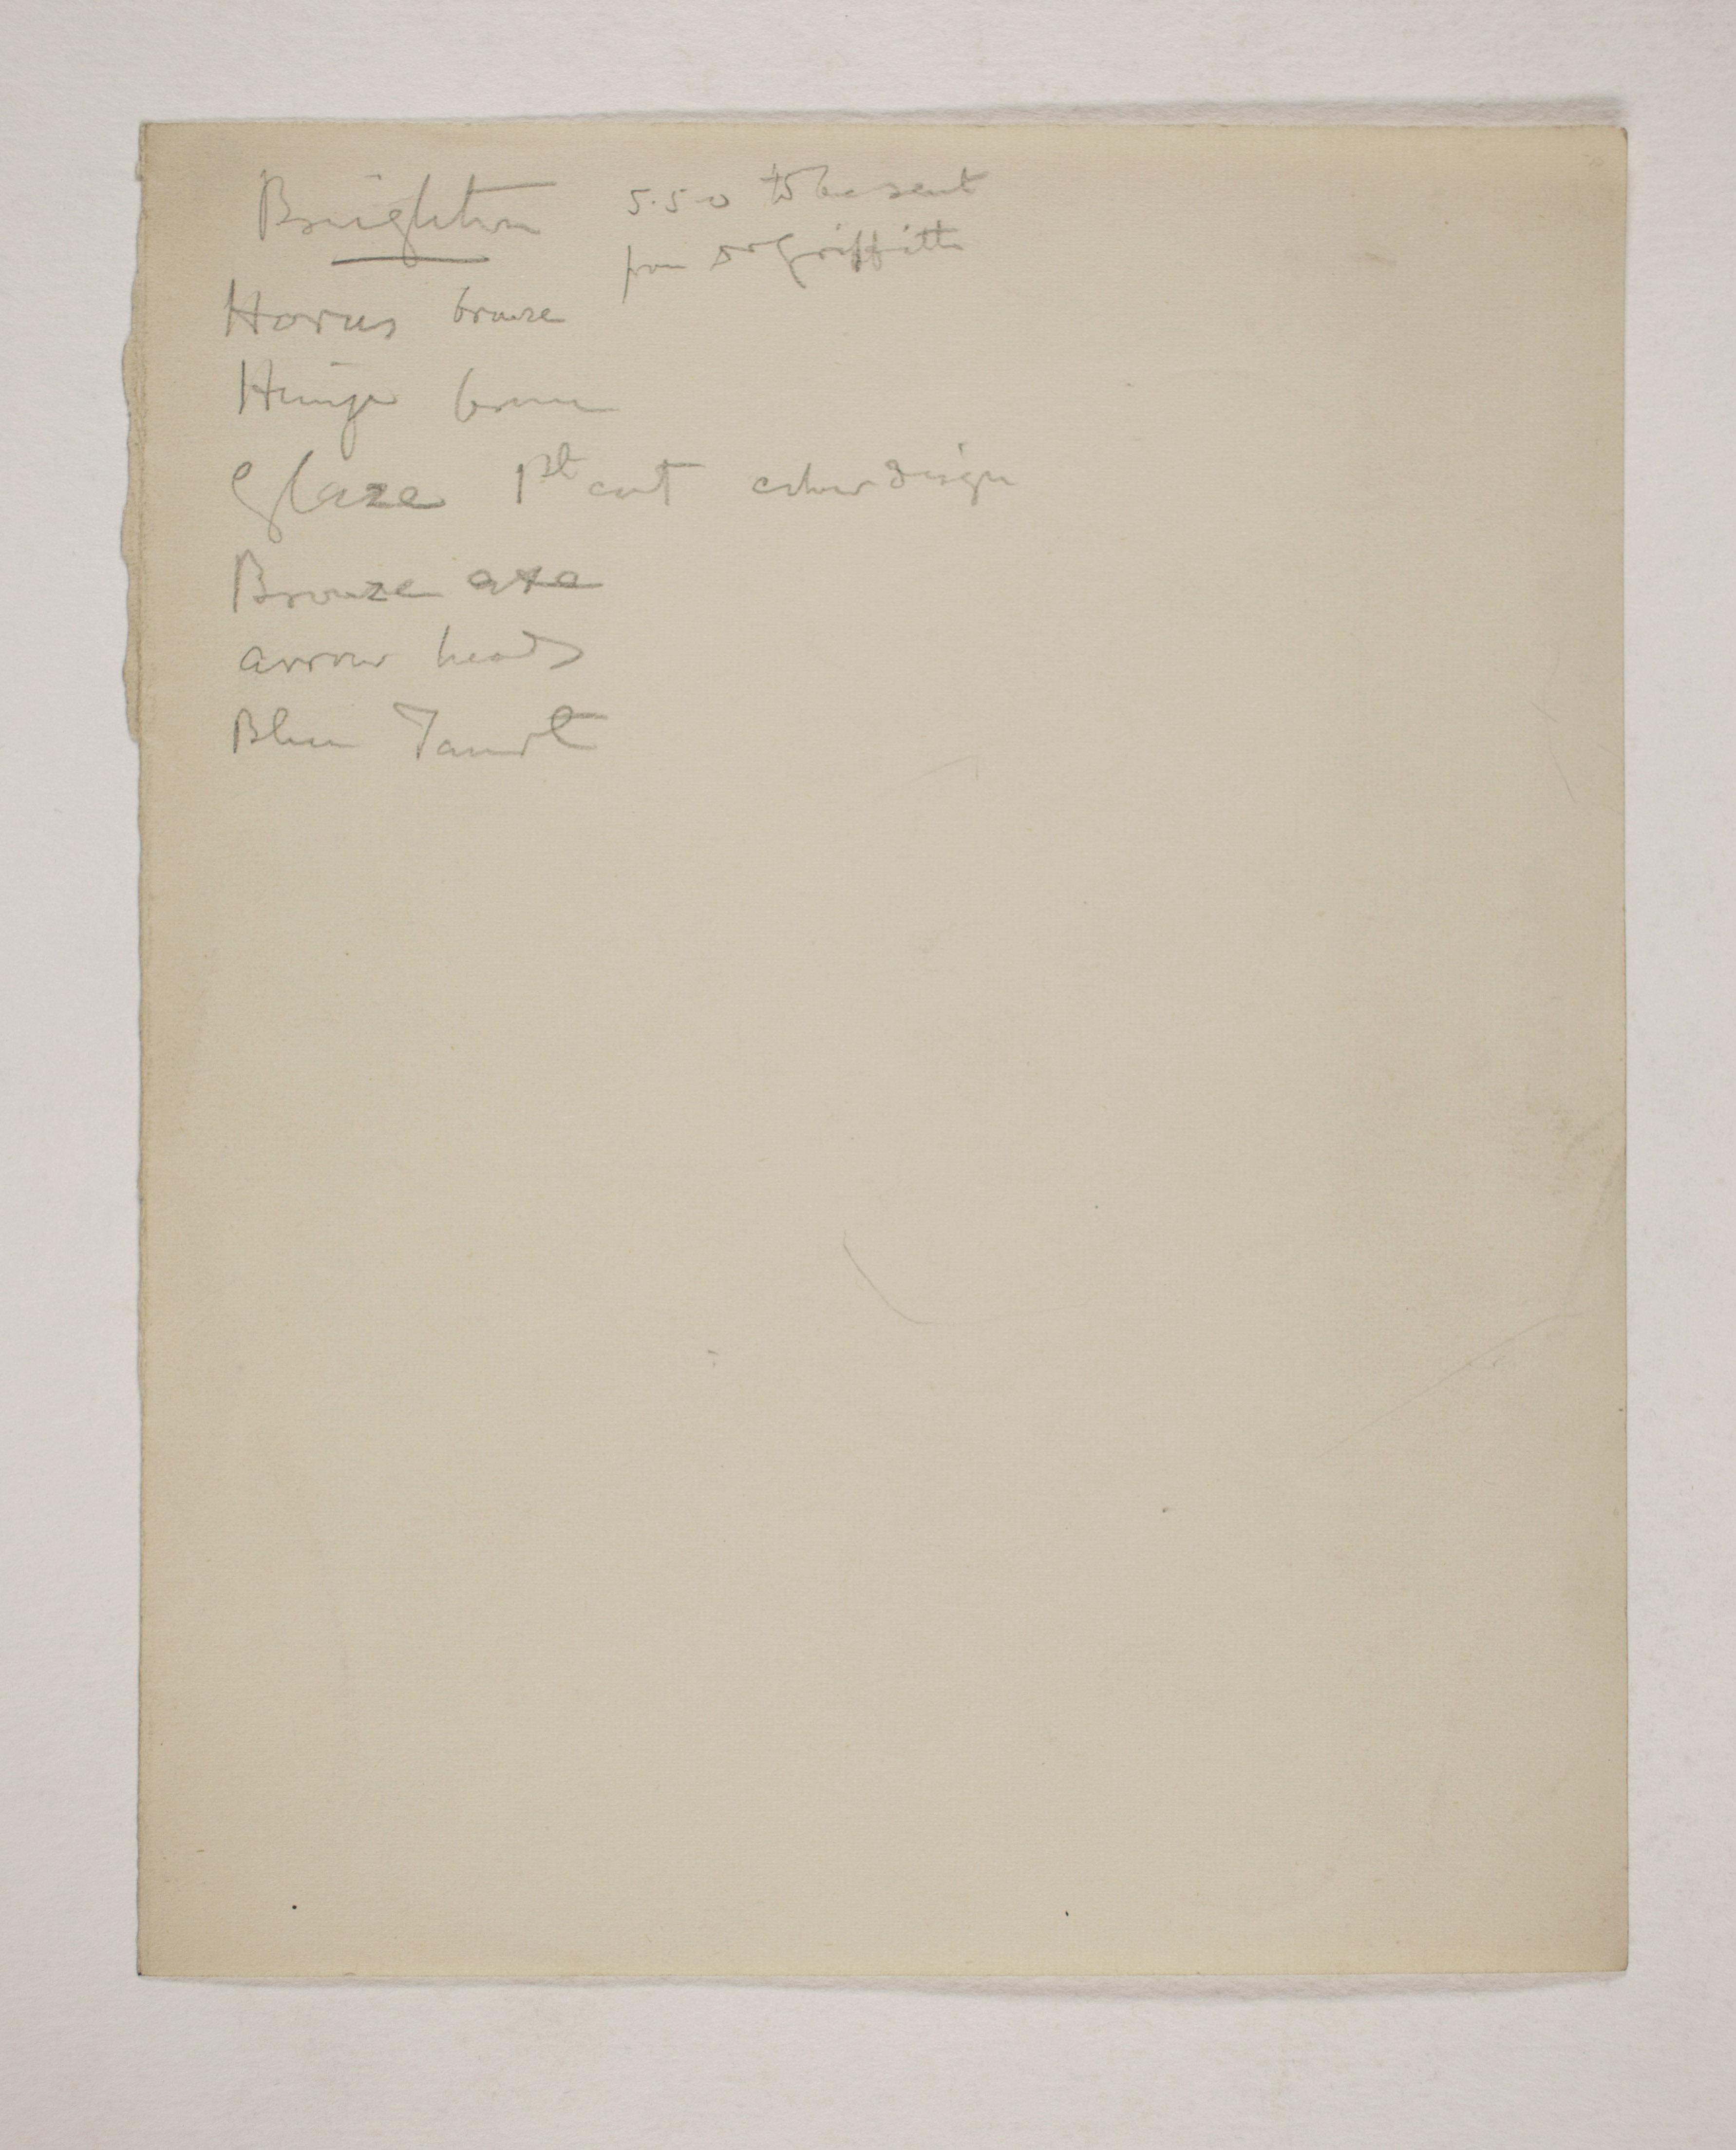 1909-10 Meidum, Memphis Individual institution list  PMA/WFP1/D/18/11